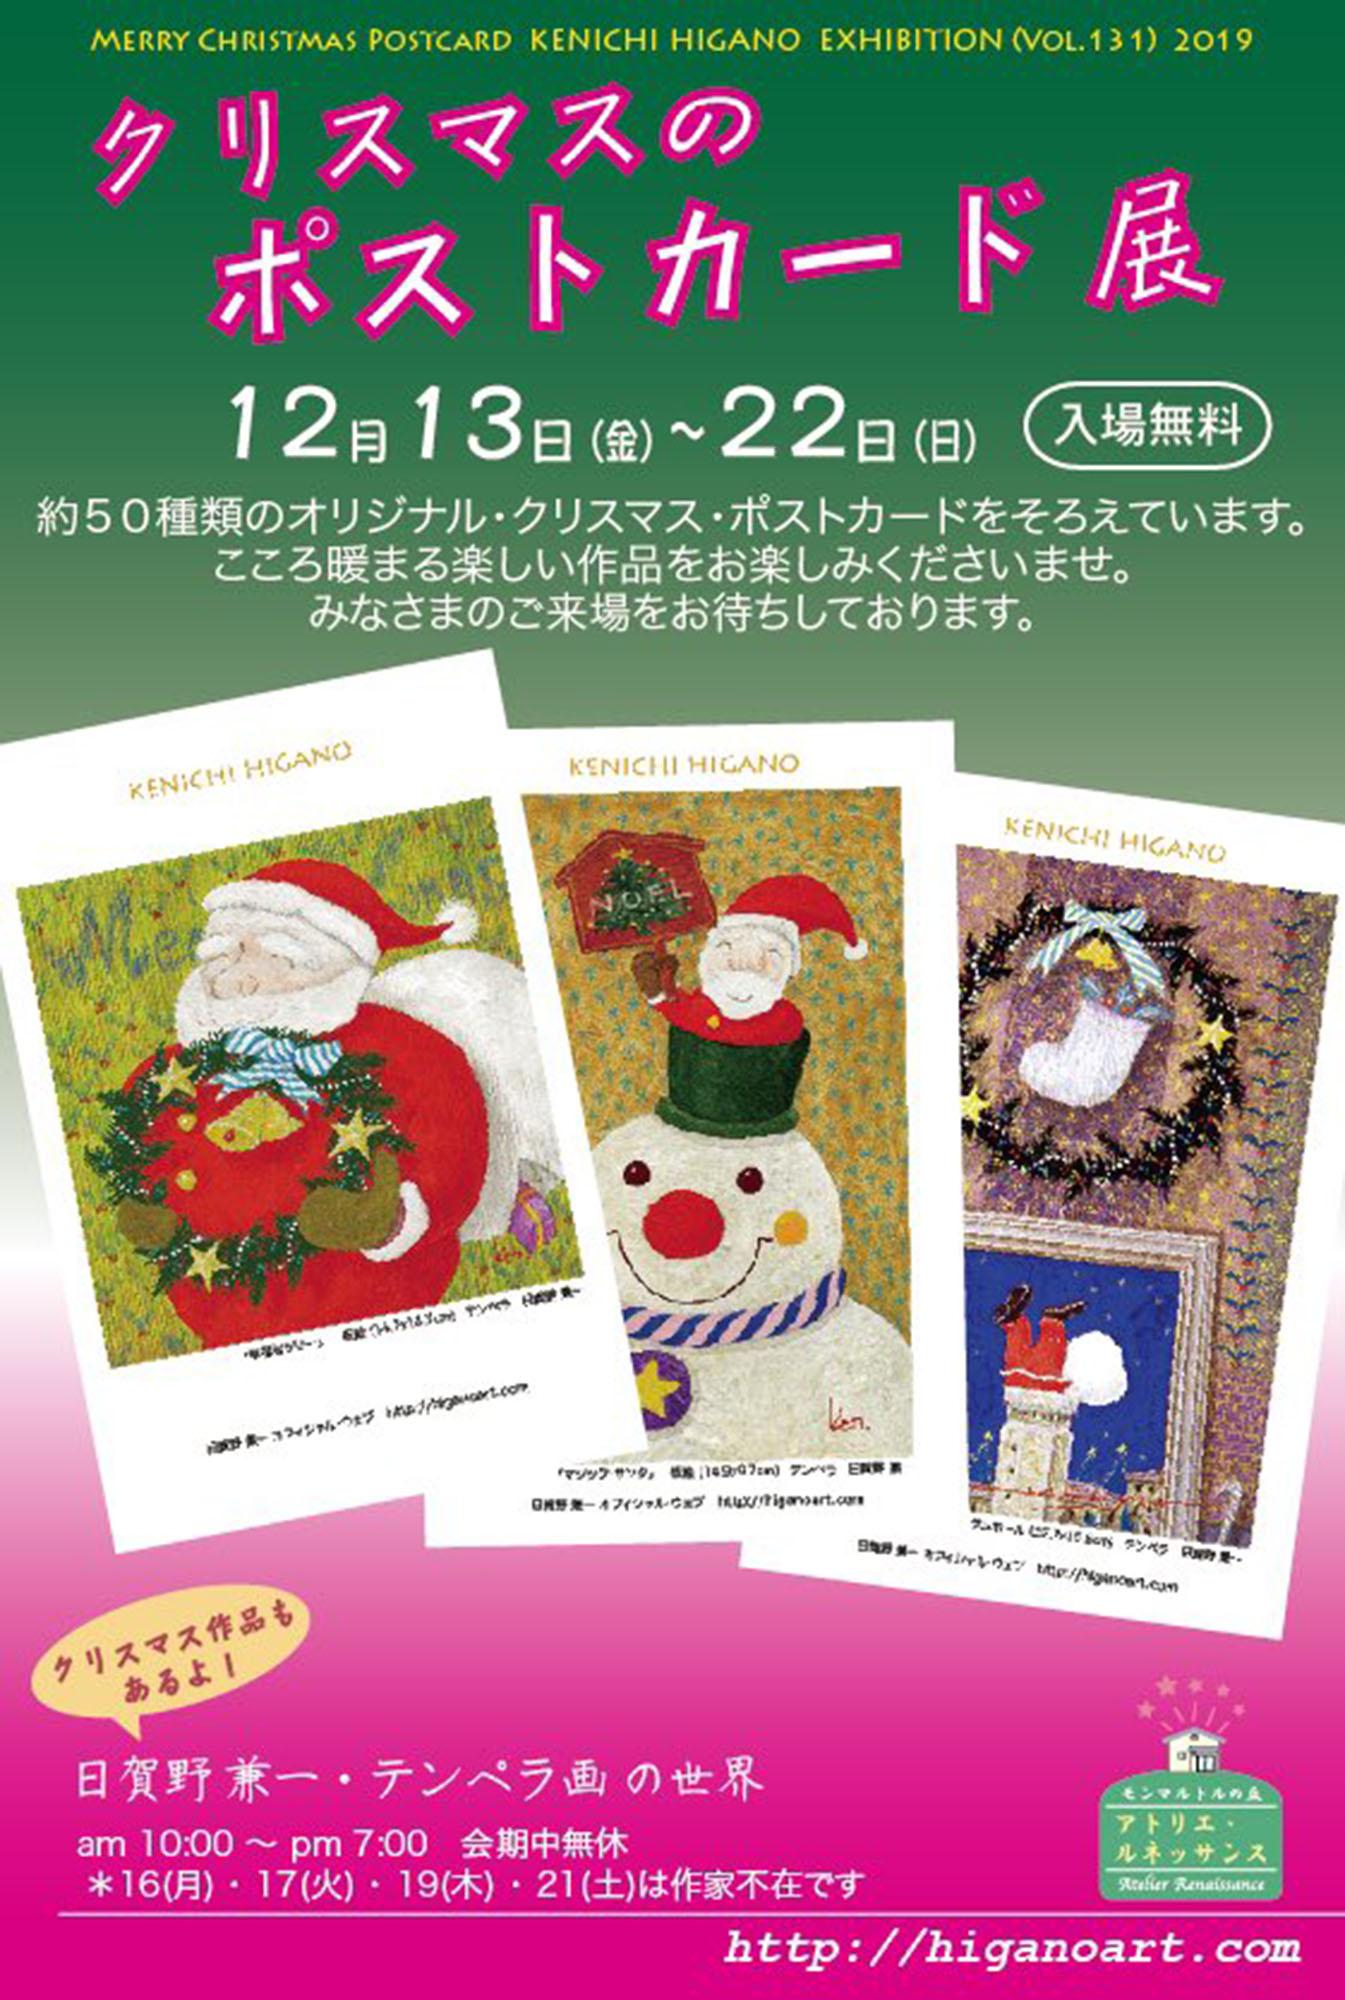 日賀野兼一 クリスマスのポストカード展